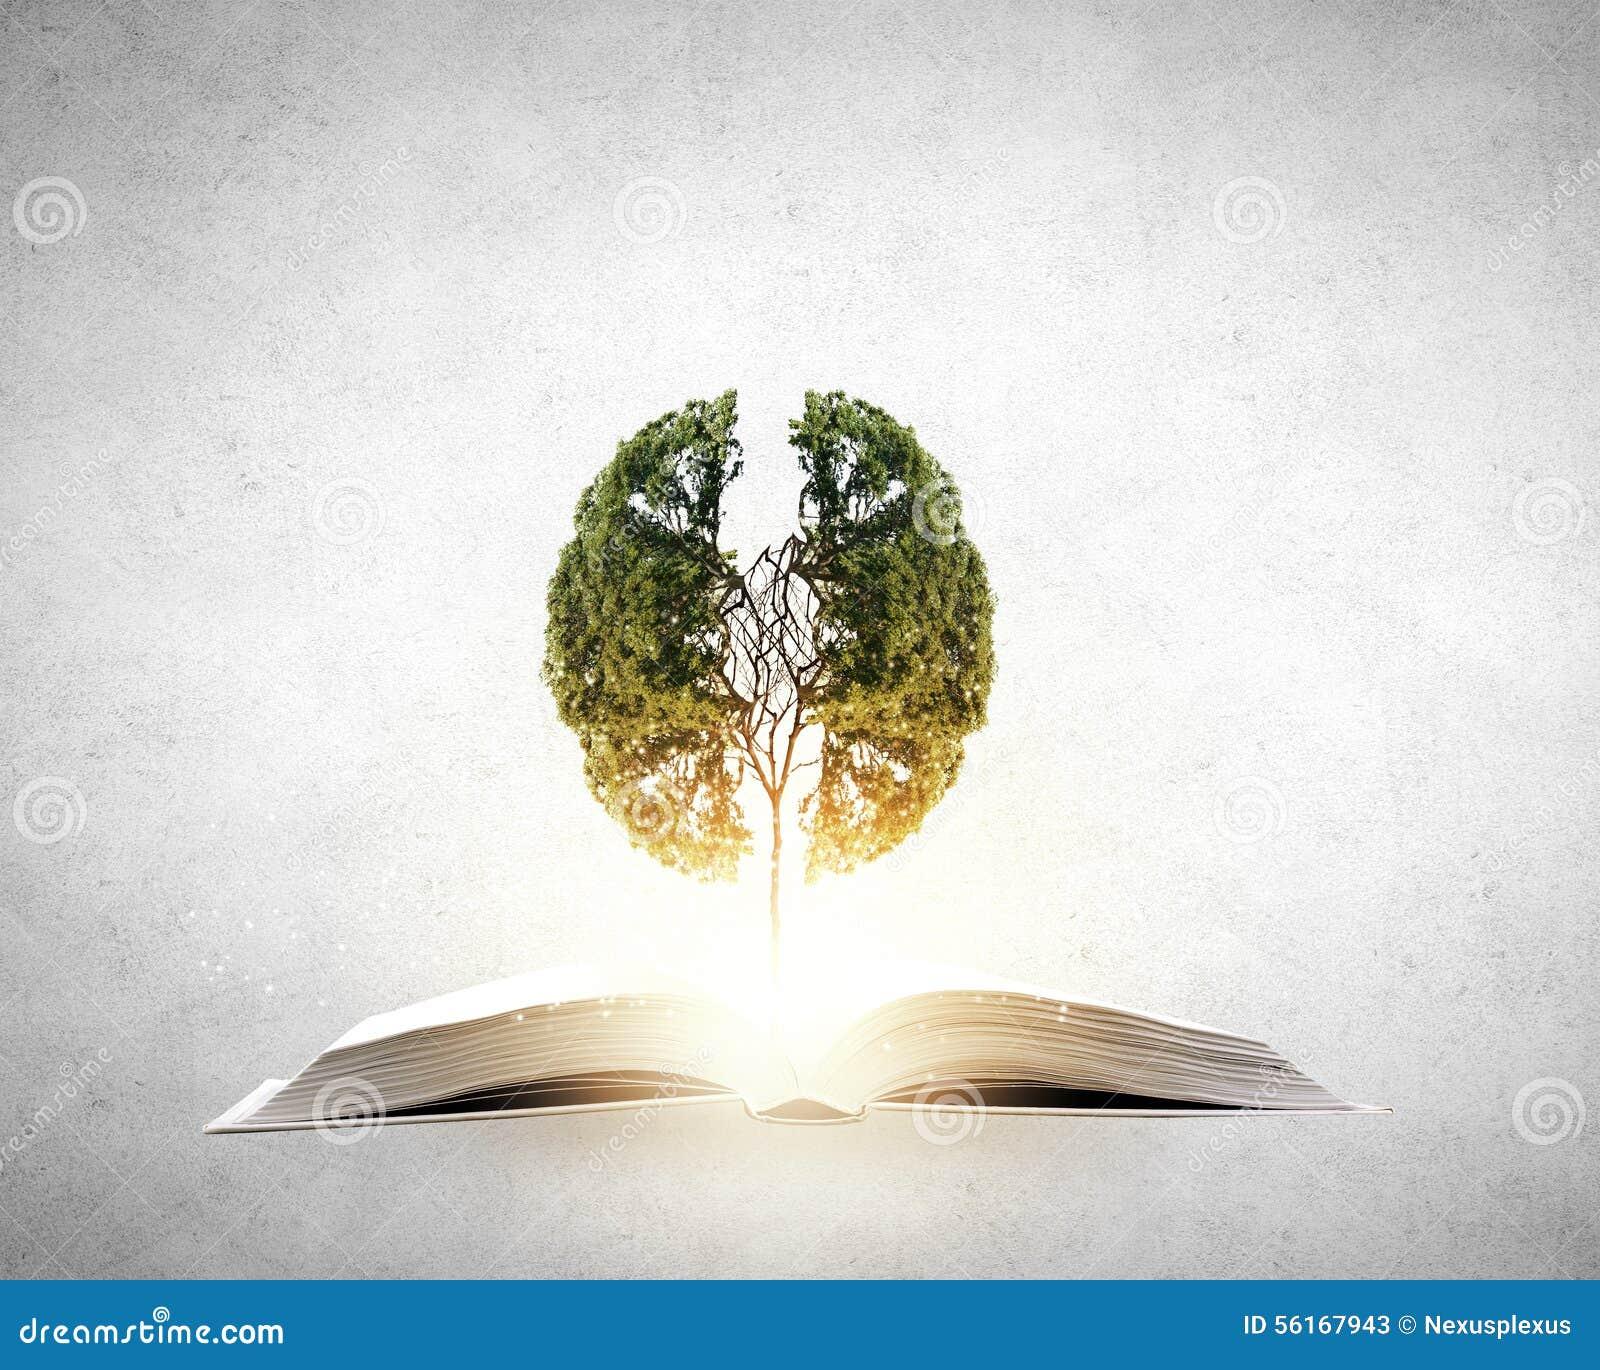 Чтение начинает воображение